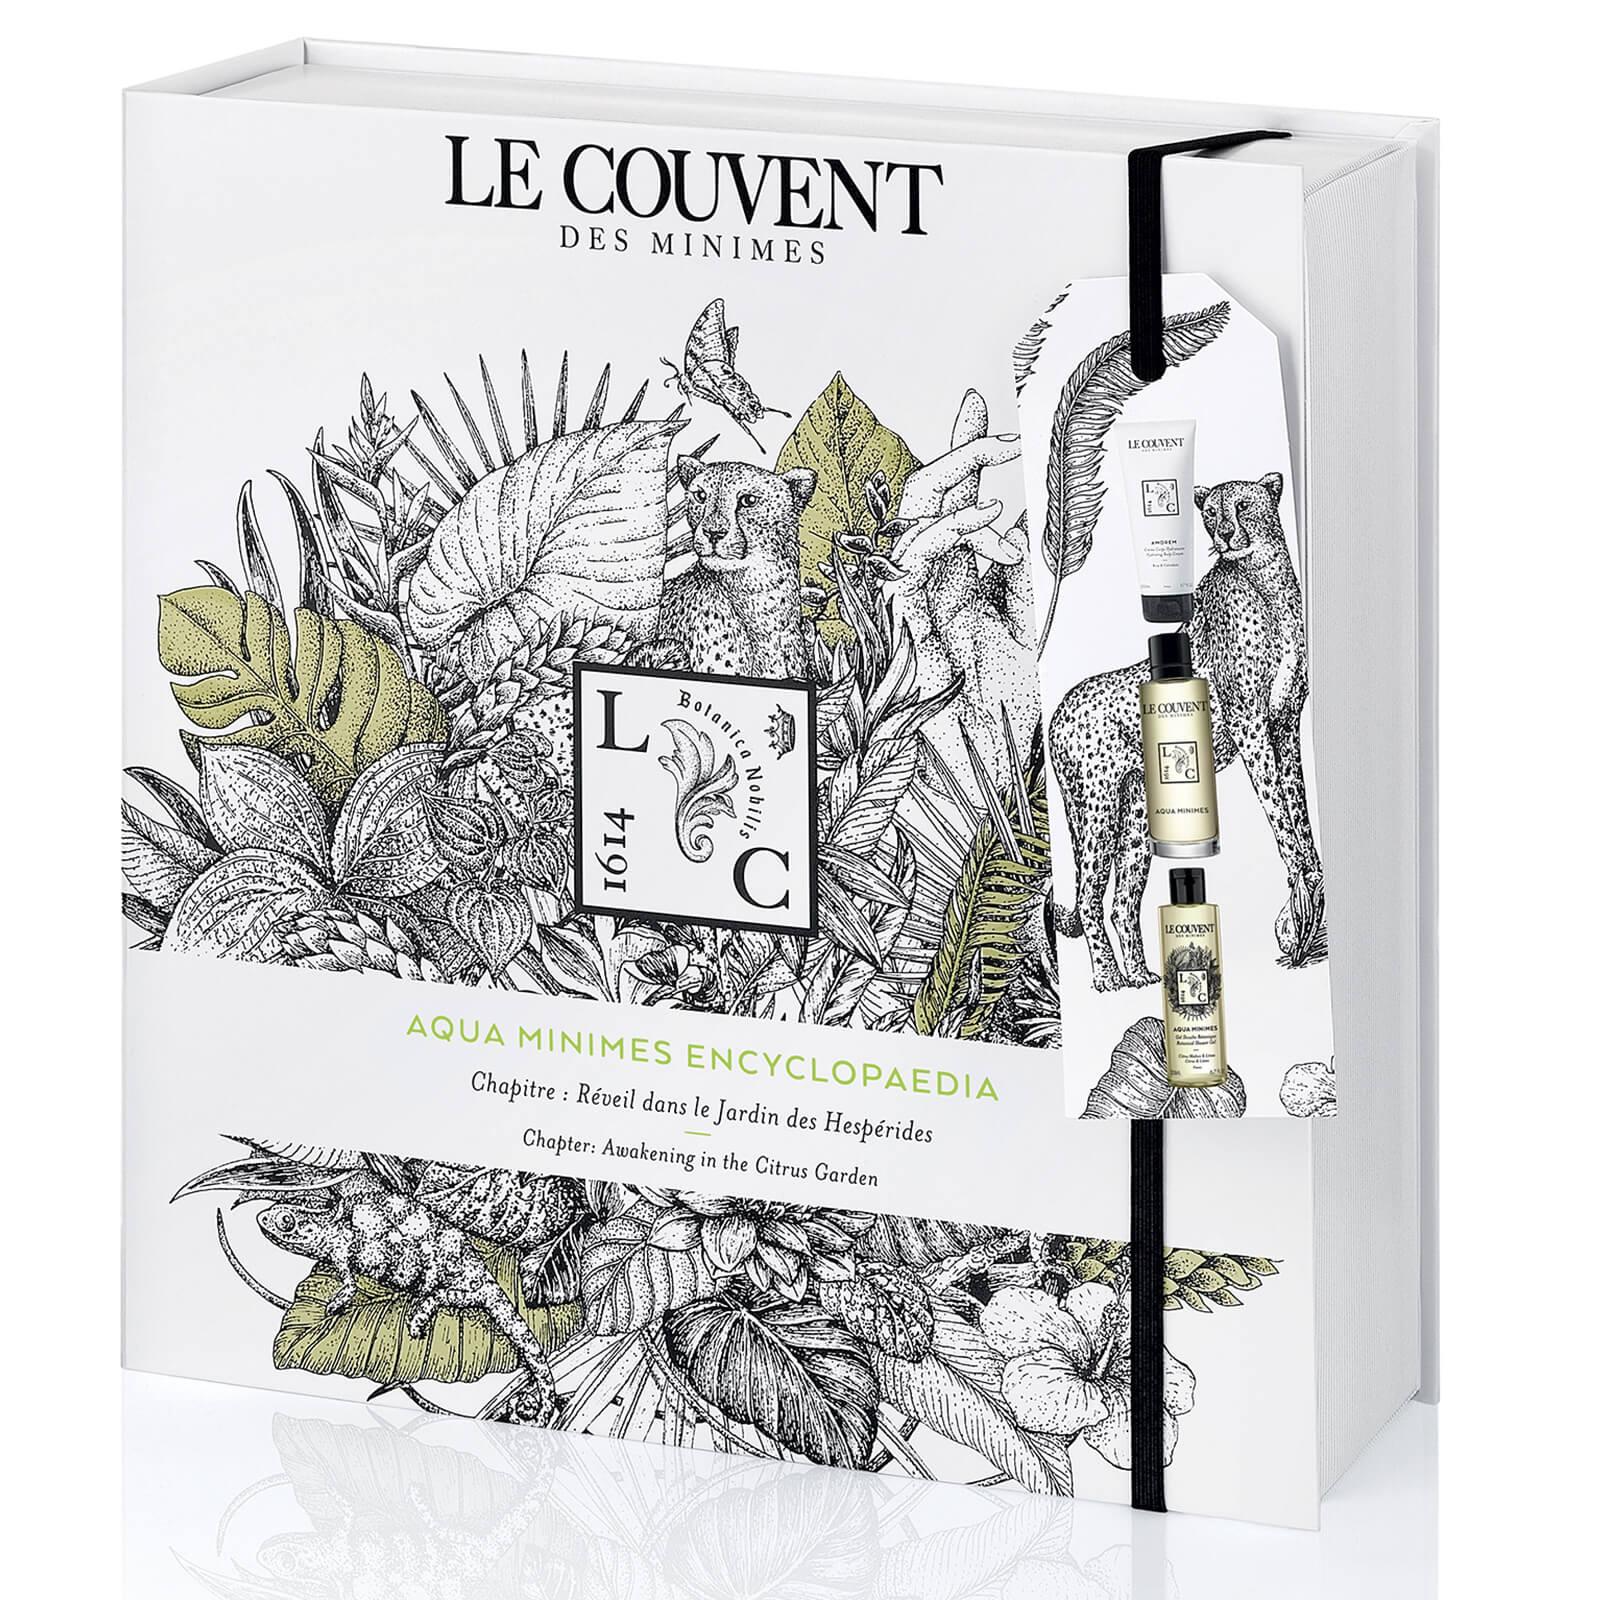 Le Couvent des Minimes Coffret Minimes Christmas Gift Set (Worth £131.00)